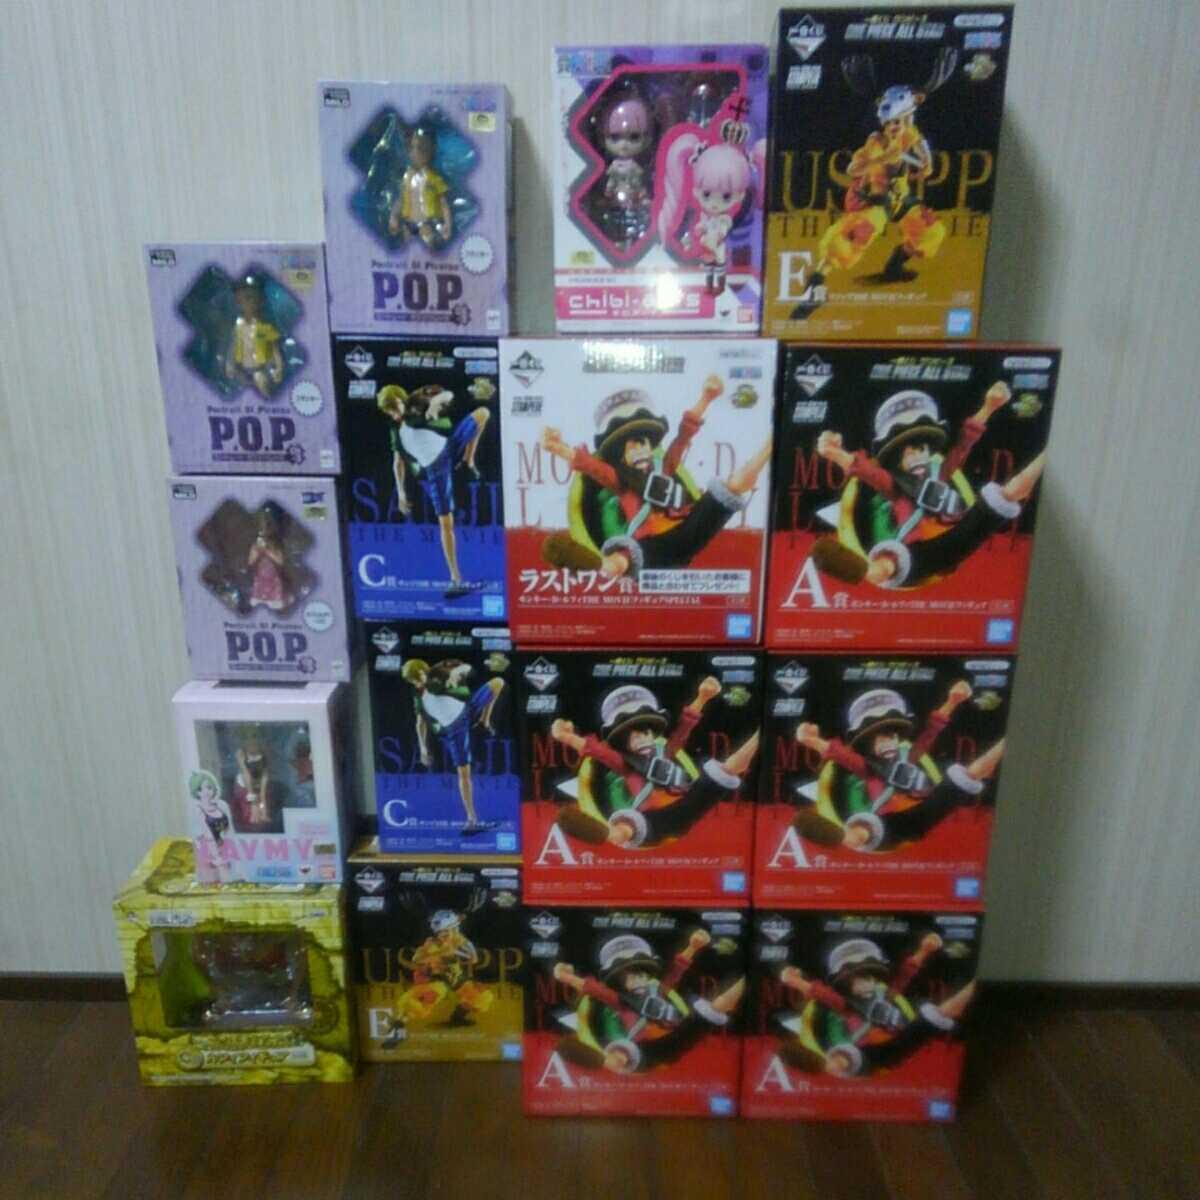 ワンピース未開封フィギュア一番くじ、POP 、チビアーツ16体まとめ売り。スタンピード、